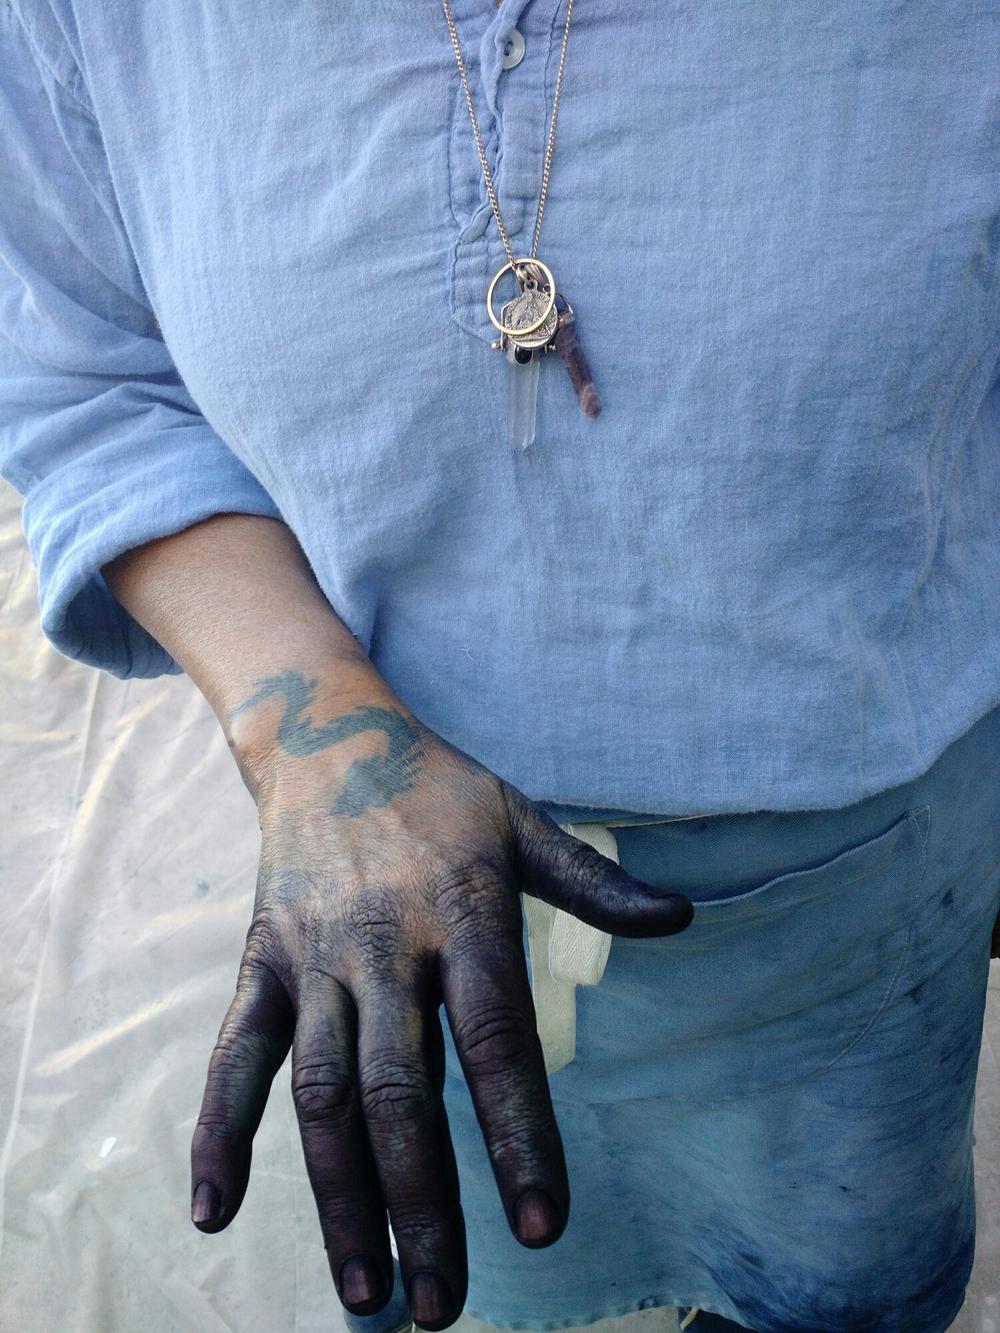 Denise Lambert's beautiful blue hand. A true artist's hand.